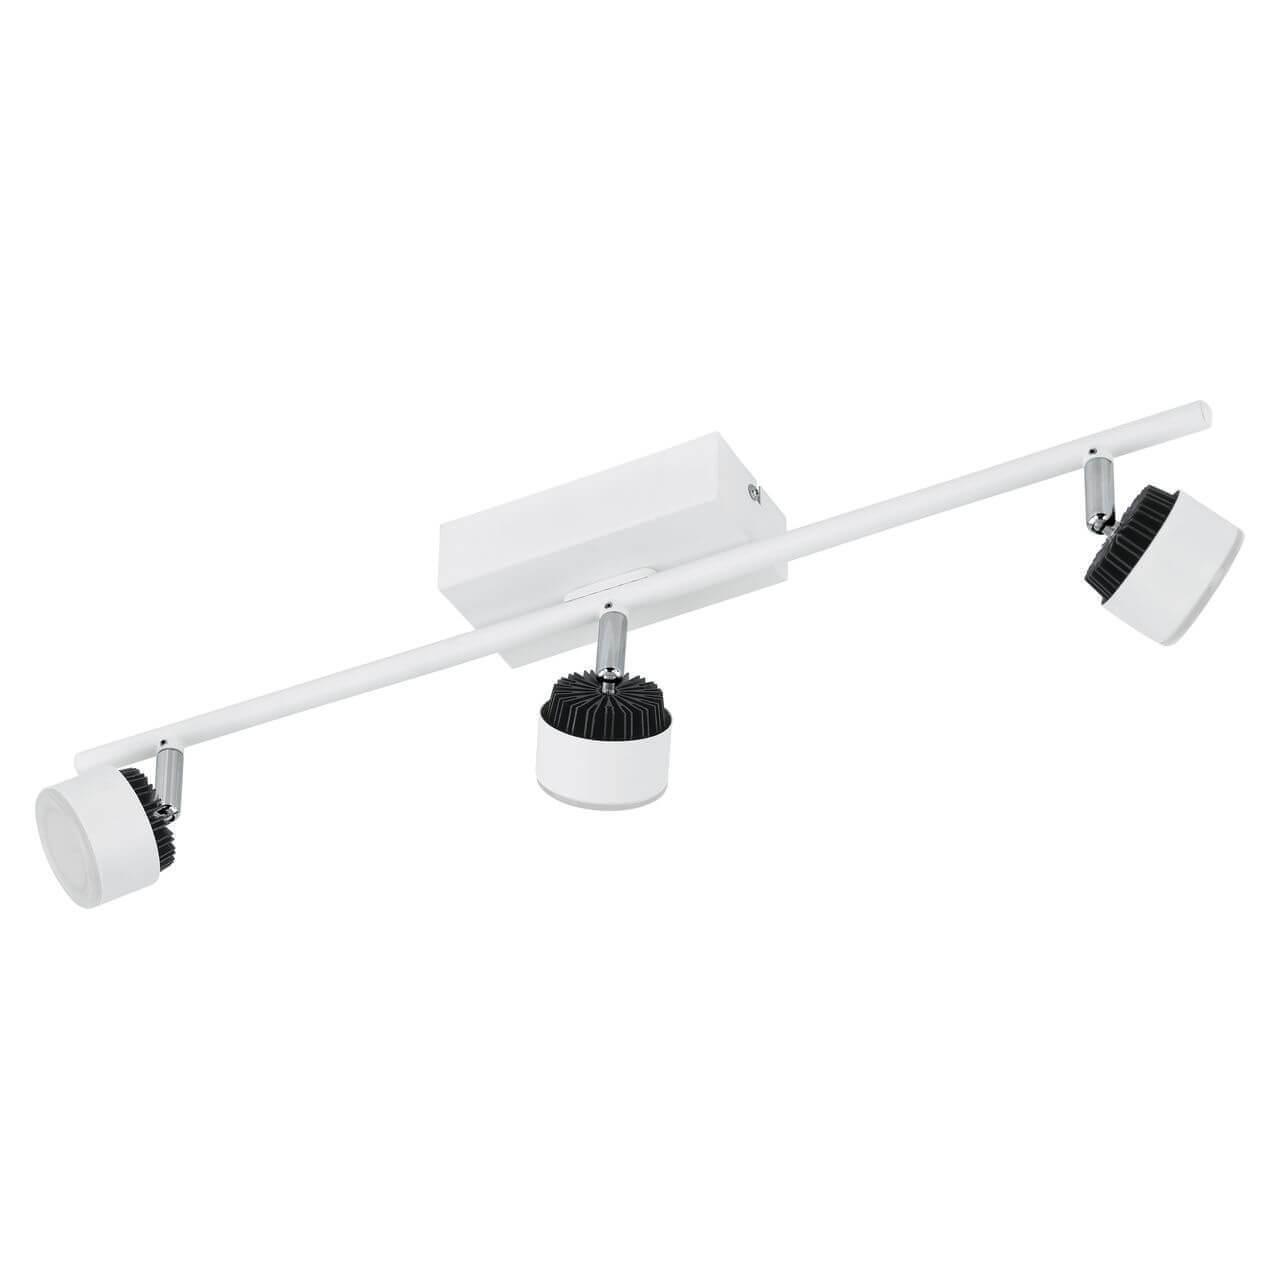 Спот Eglo 93854, LED, 6 Вт